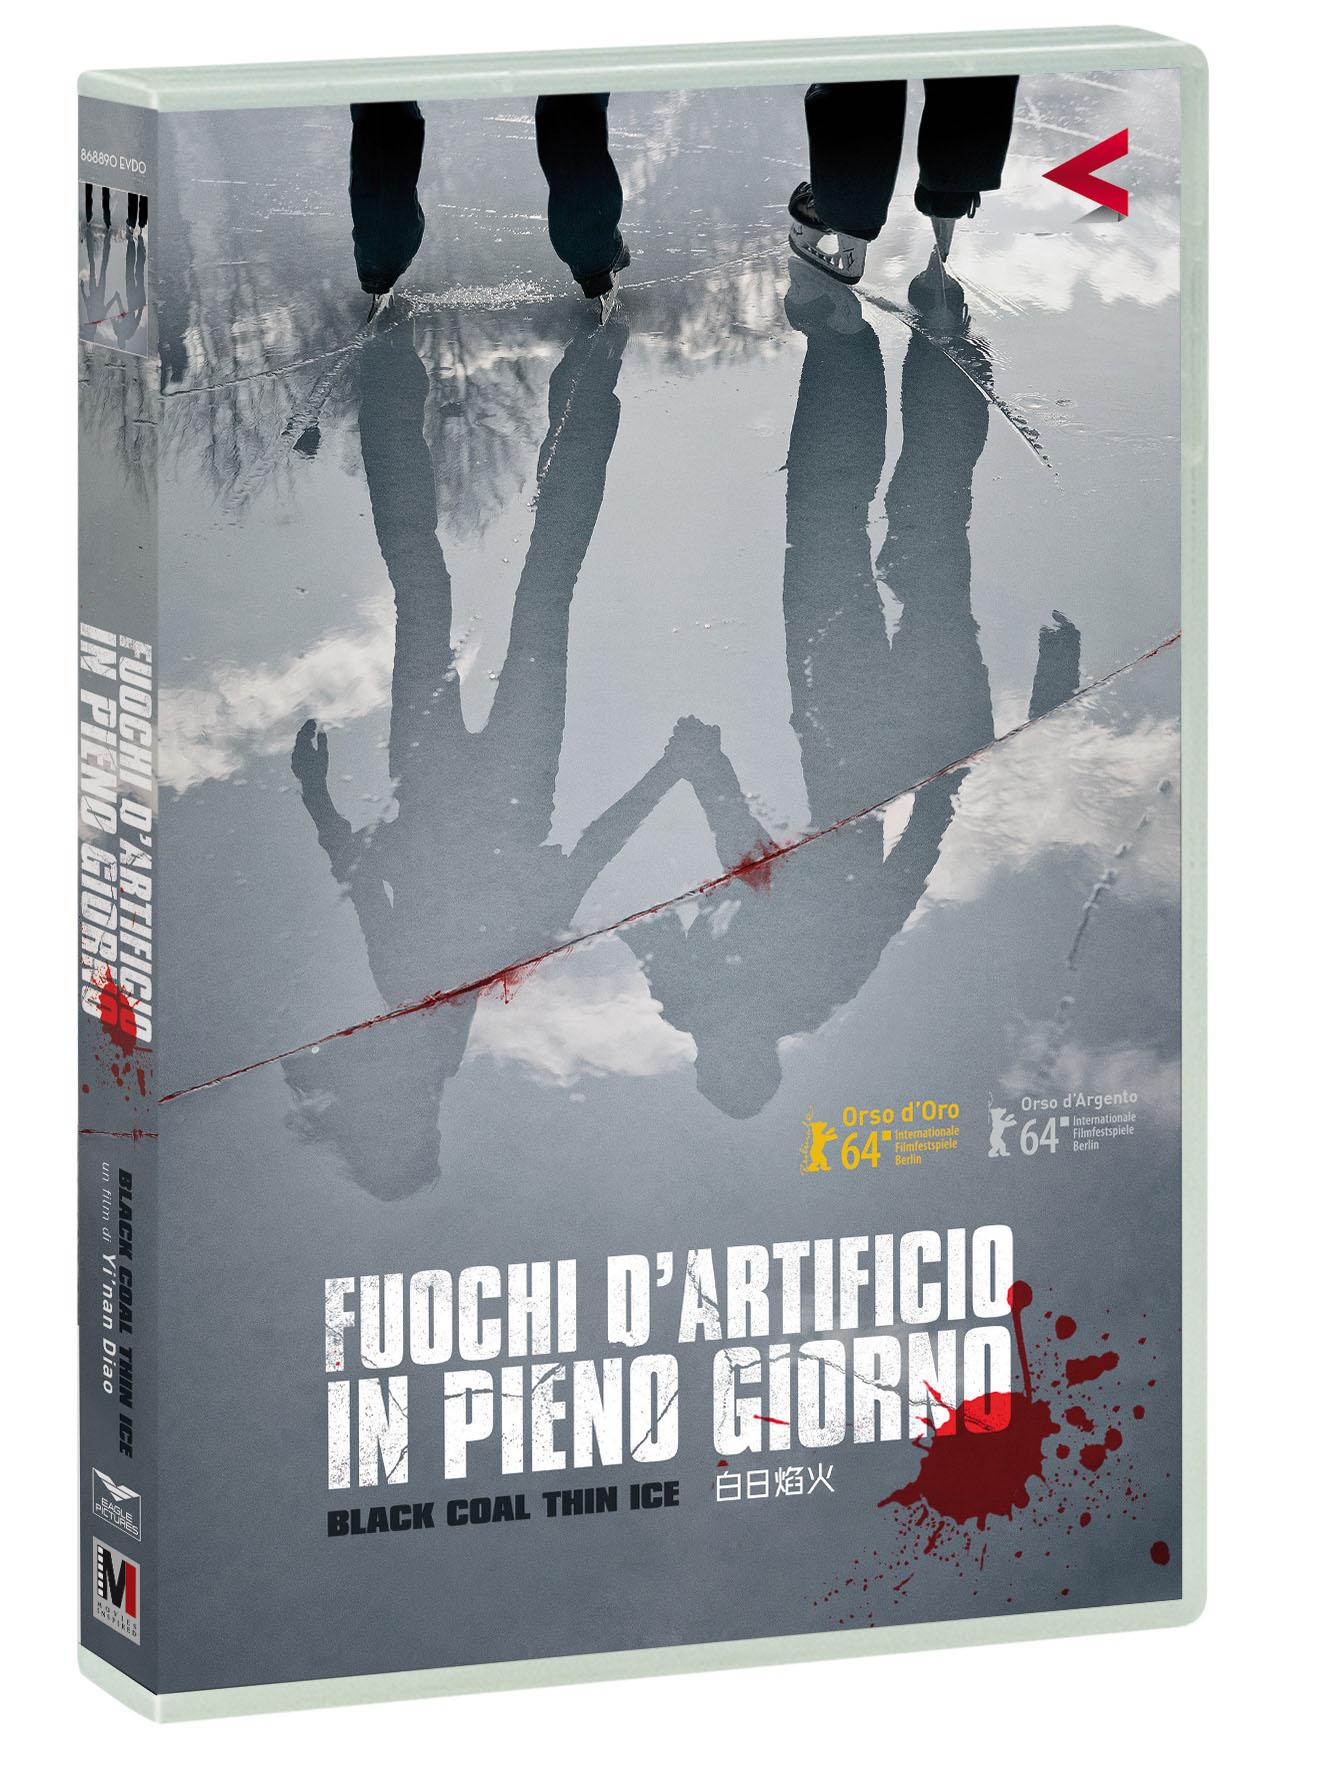 FUOCHI D'ARTIFICIO IN PIENO GIORNO (DVD)